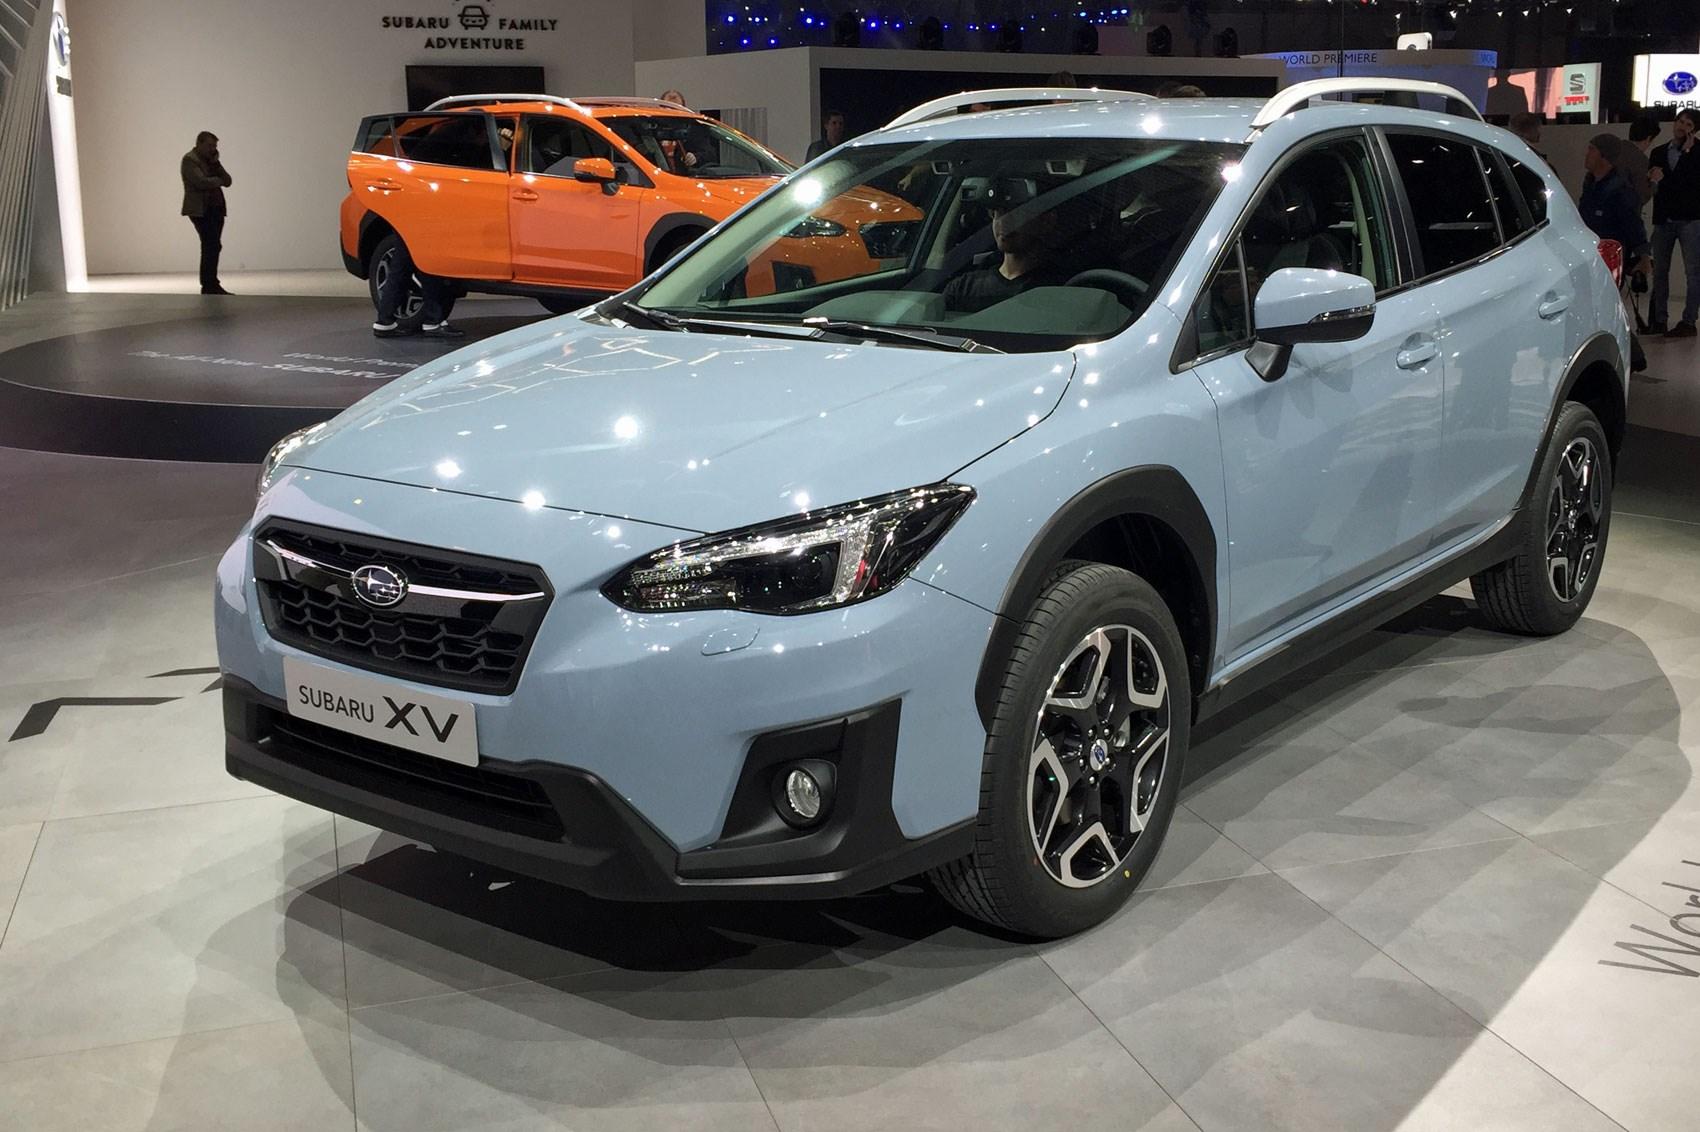 Subaru Xv At Geneva 2017 Motor Show